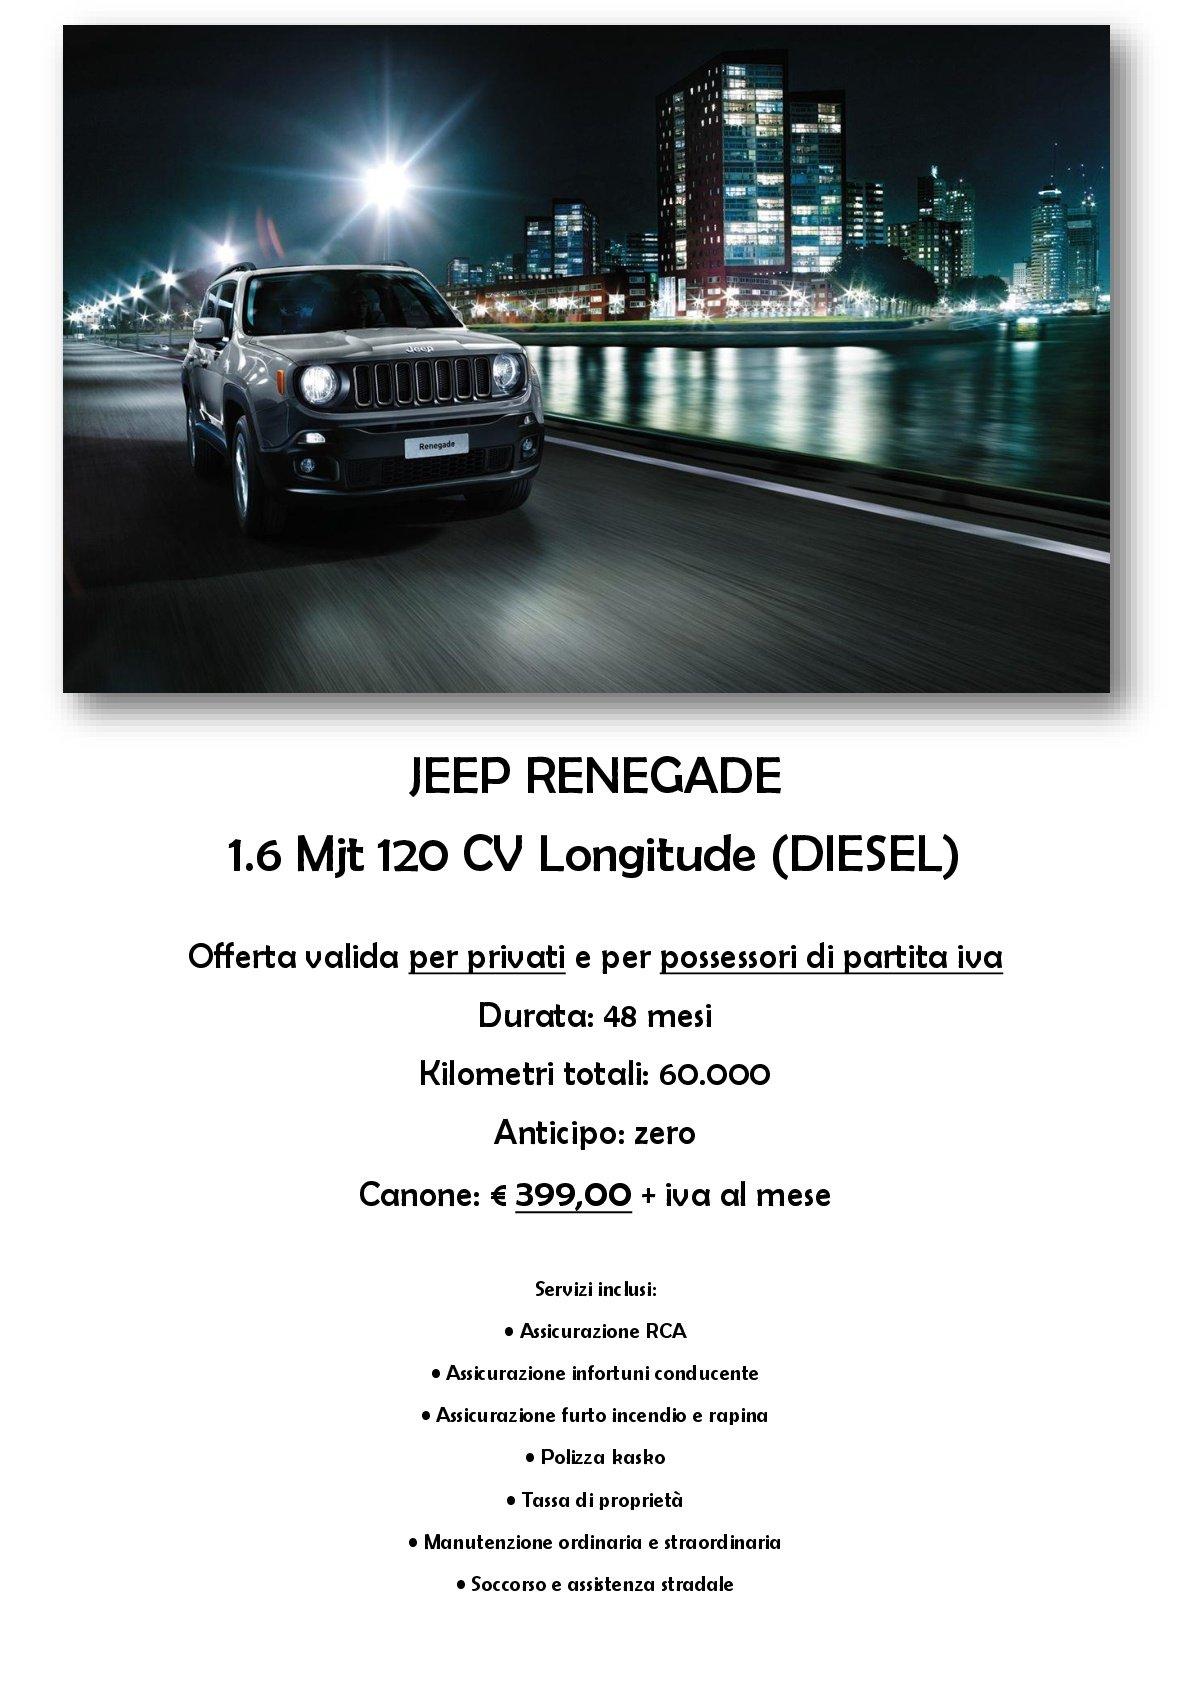 Promozione Jeep Renegade